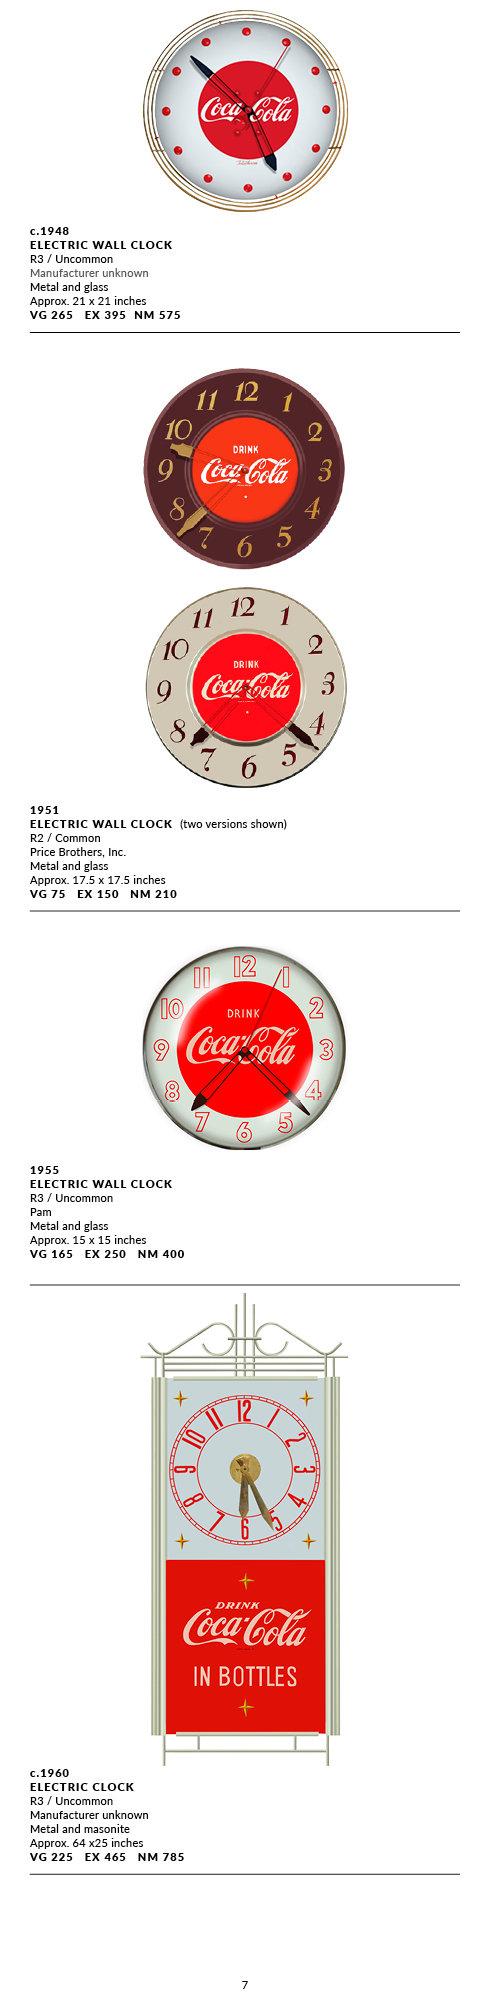 Clocks7.jpg